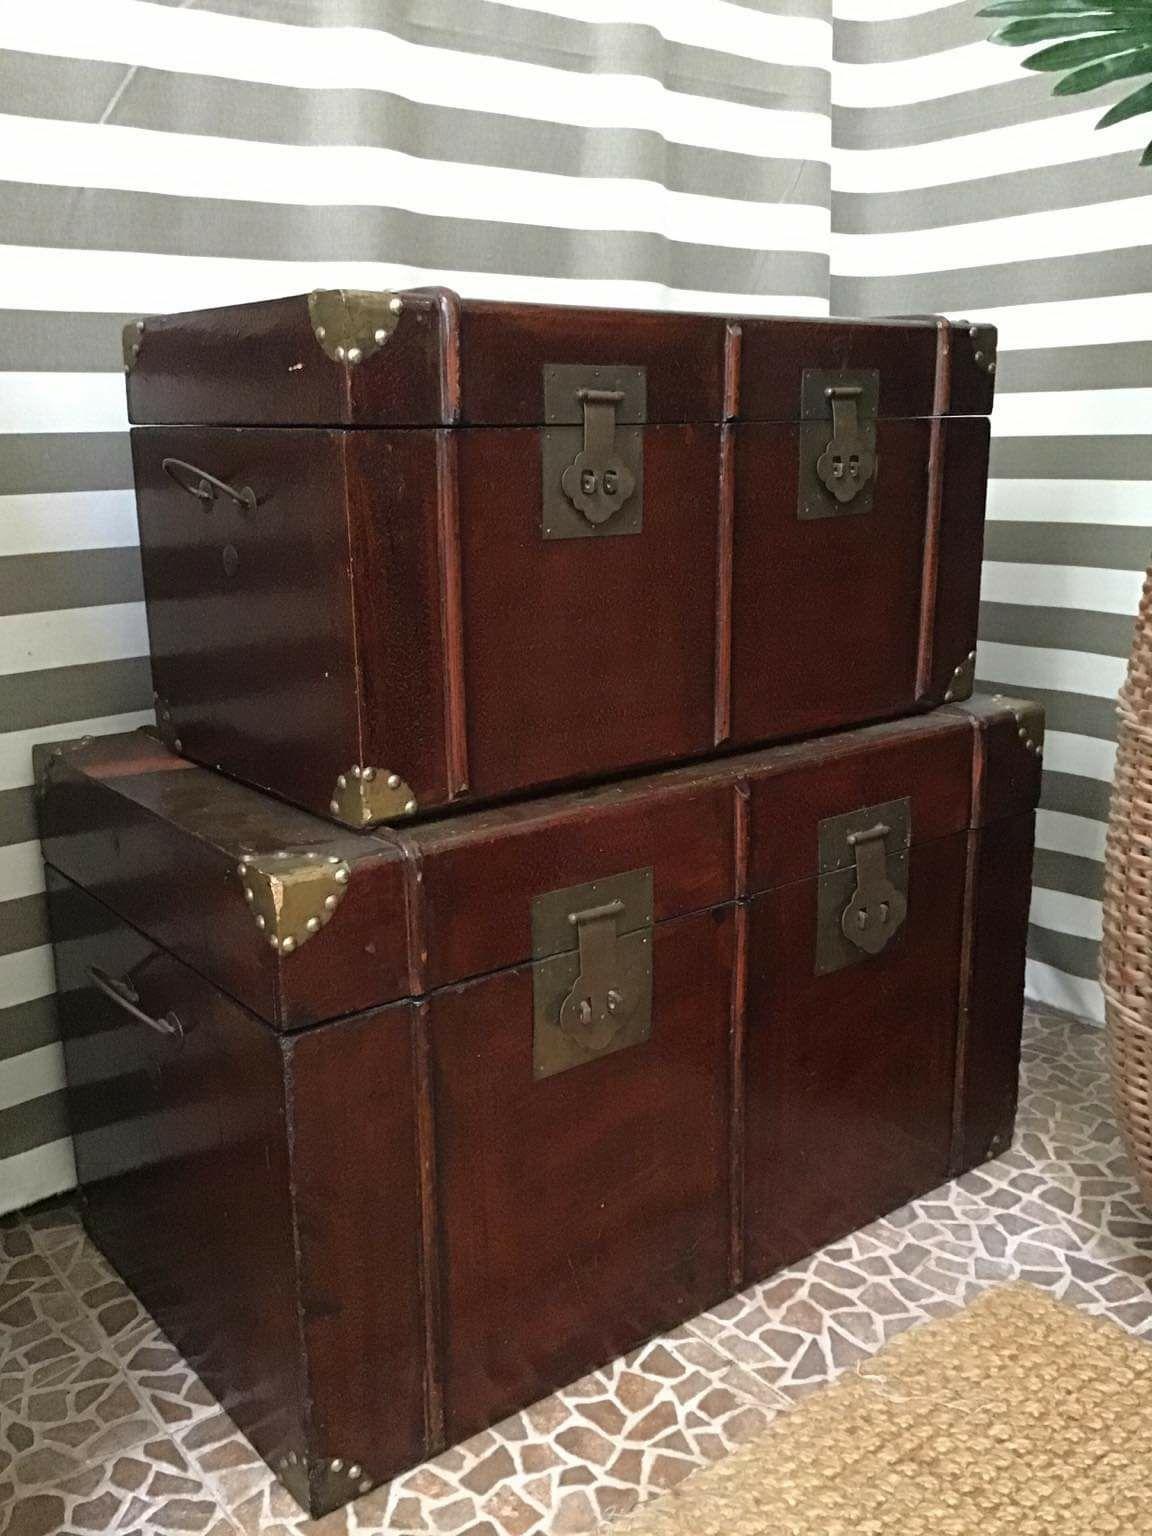 2 arcas, bau, rustico,  oriental,  vintage, decoracao